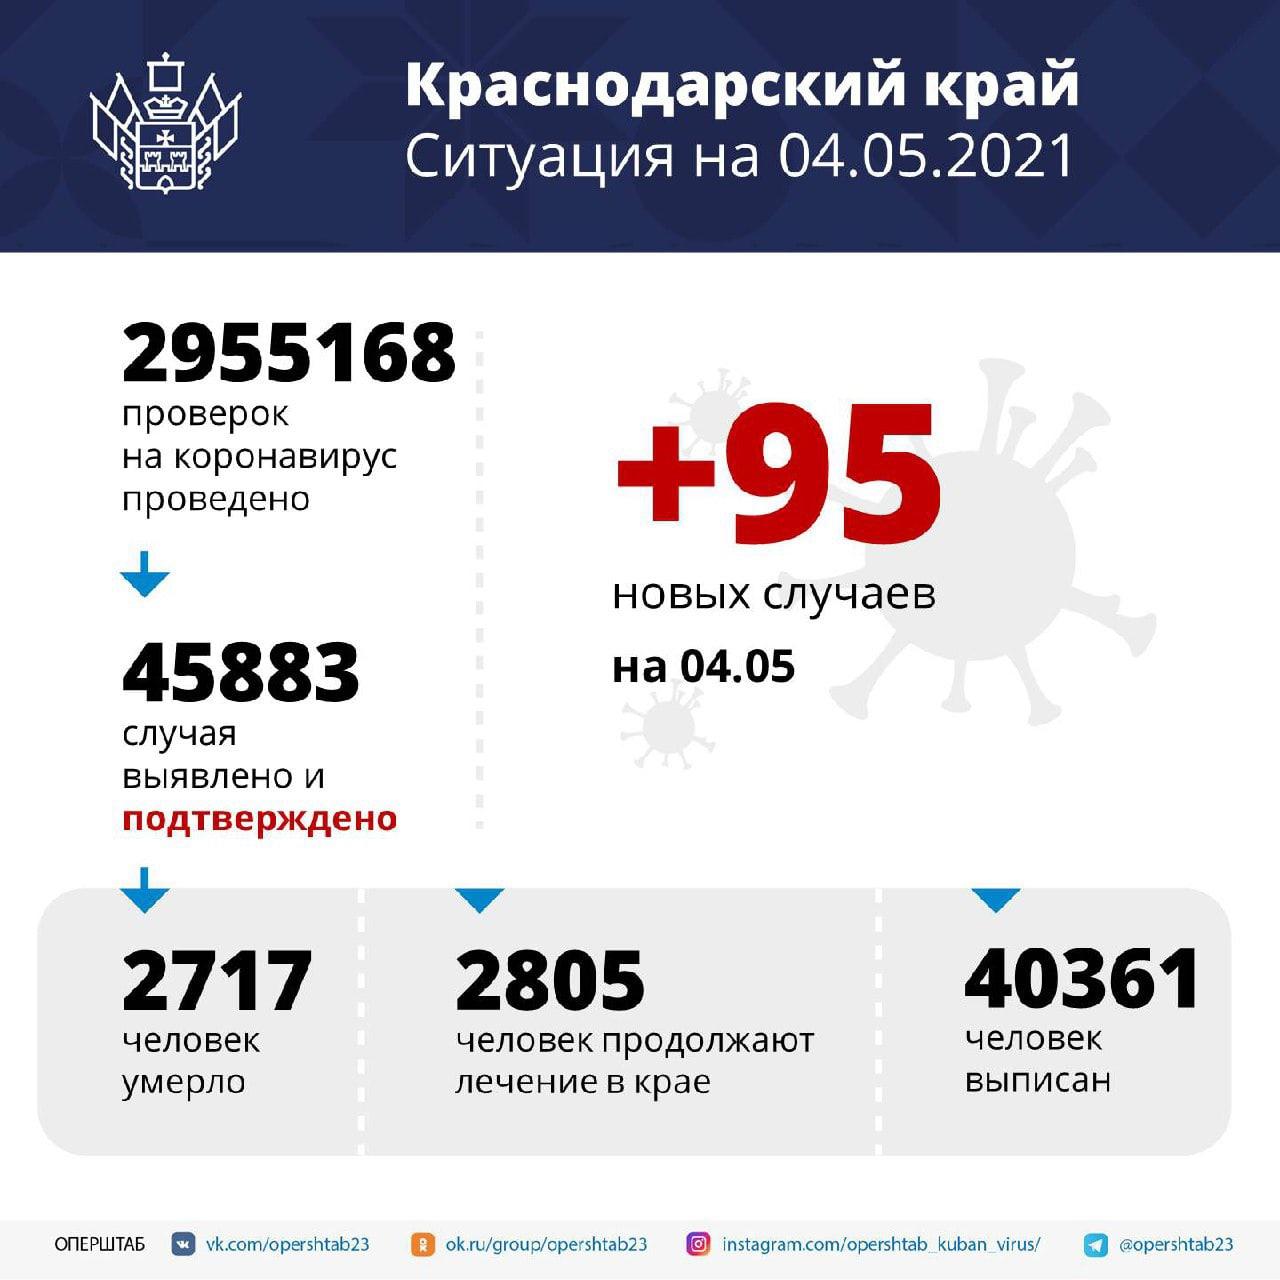 За сутки в Краснодарском крае зарегистрировано 95 заболевших...